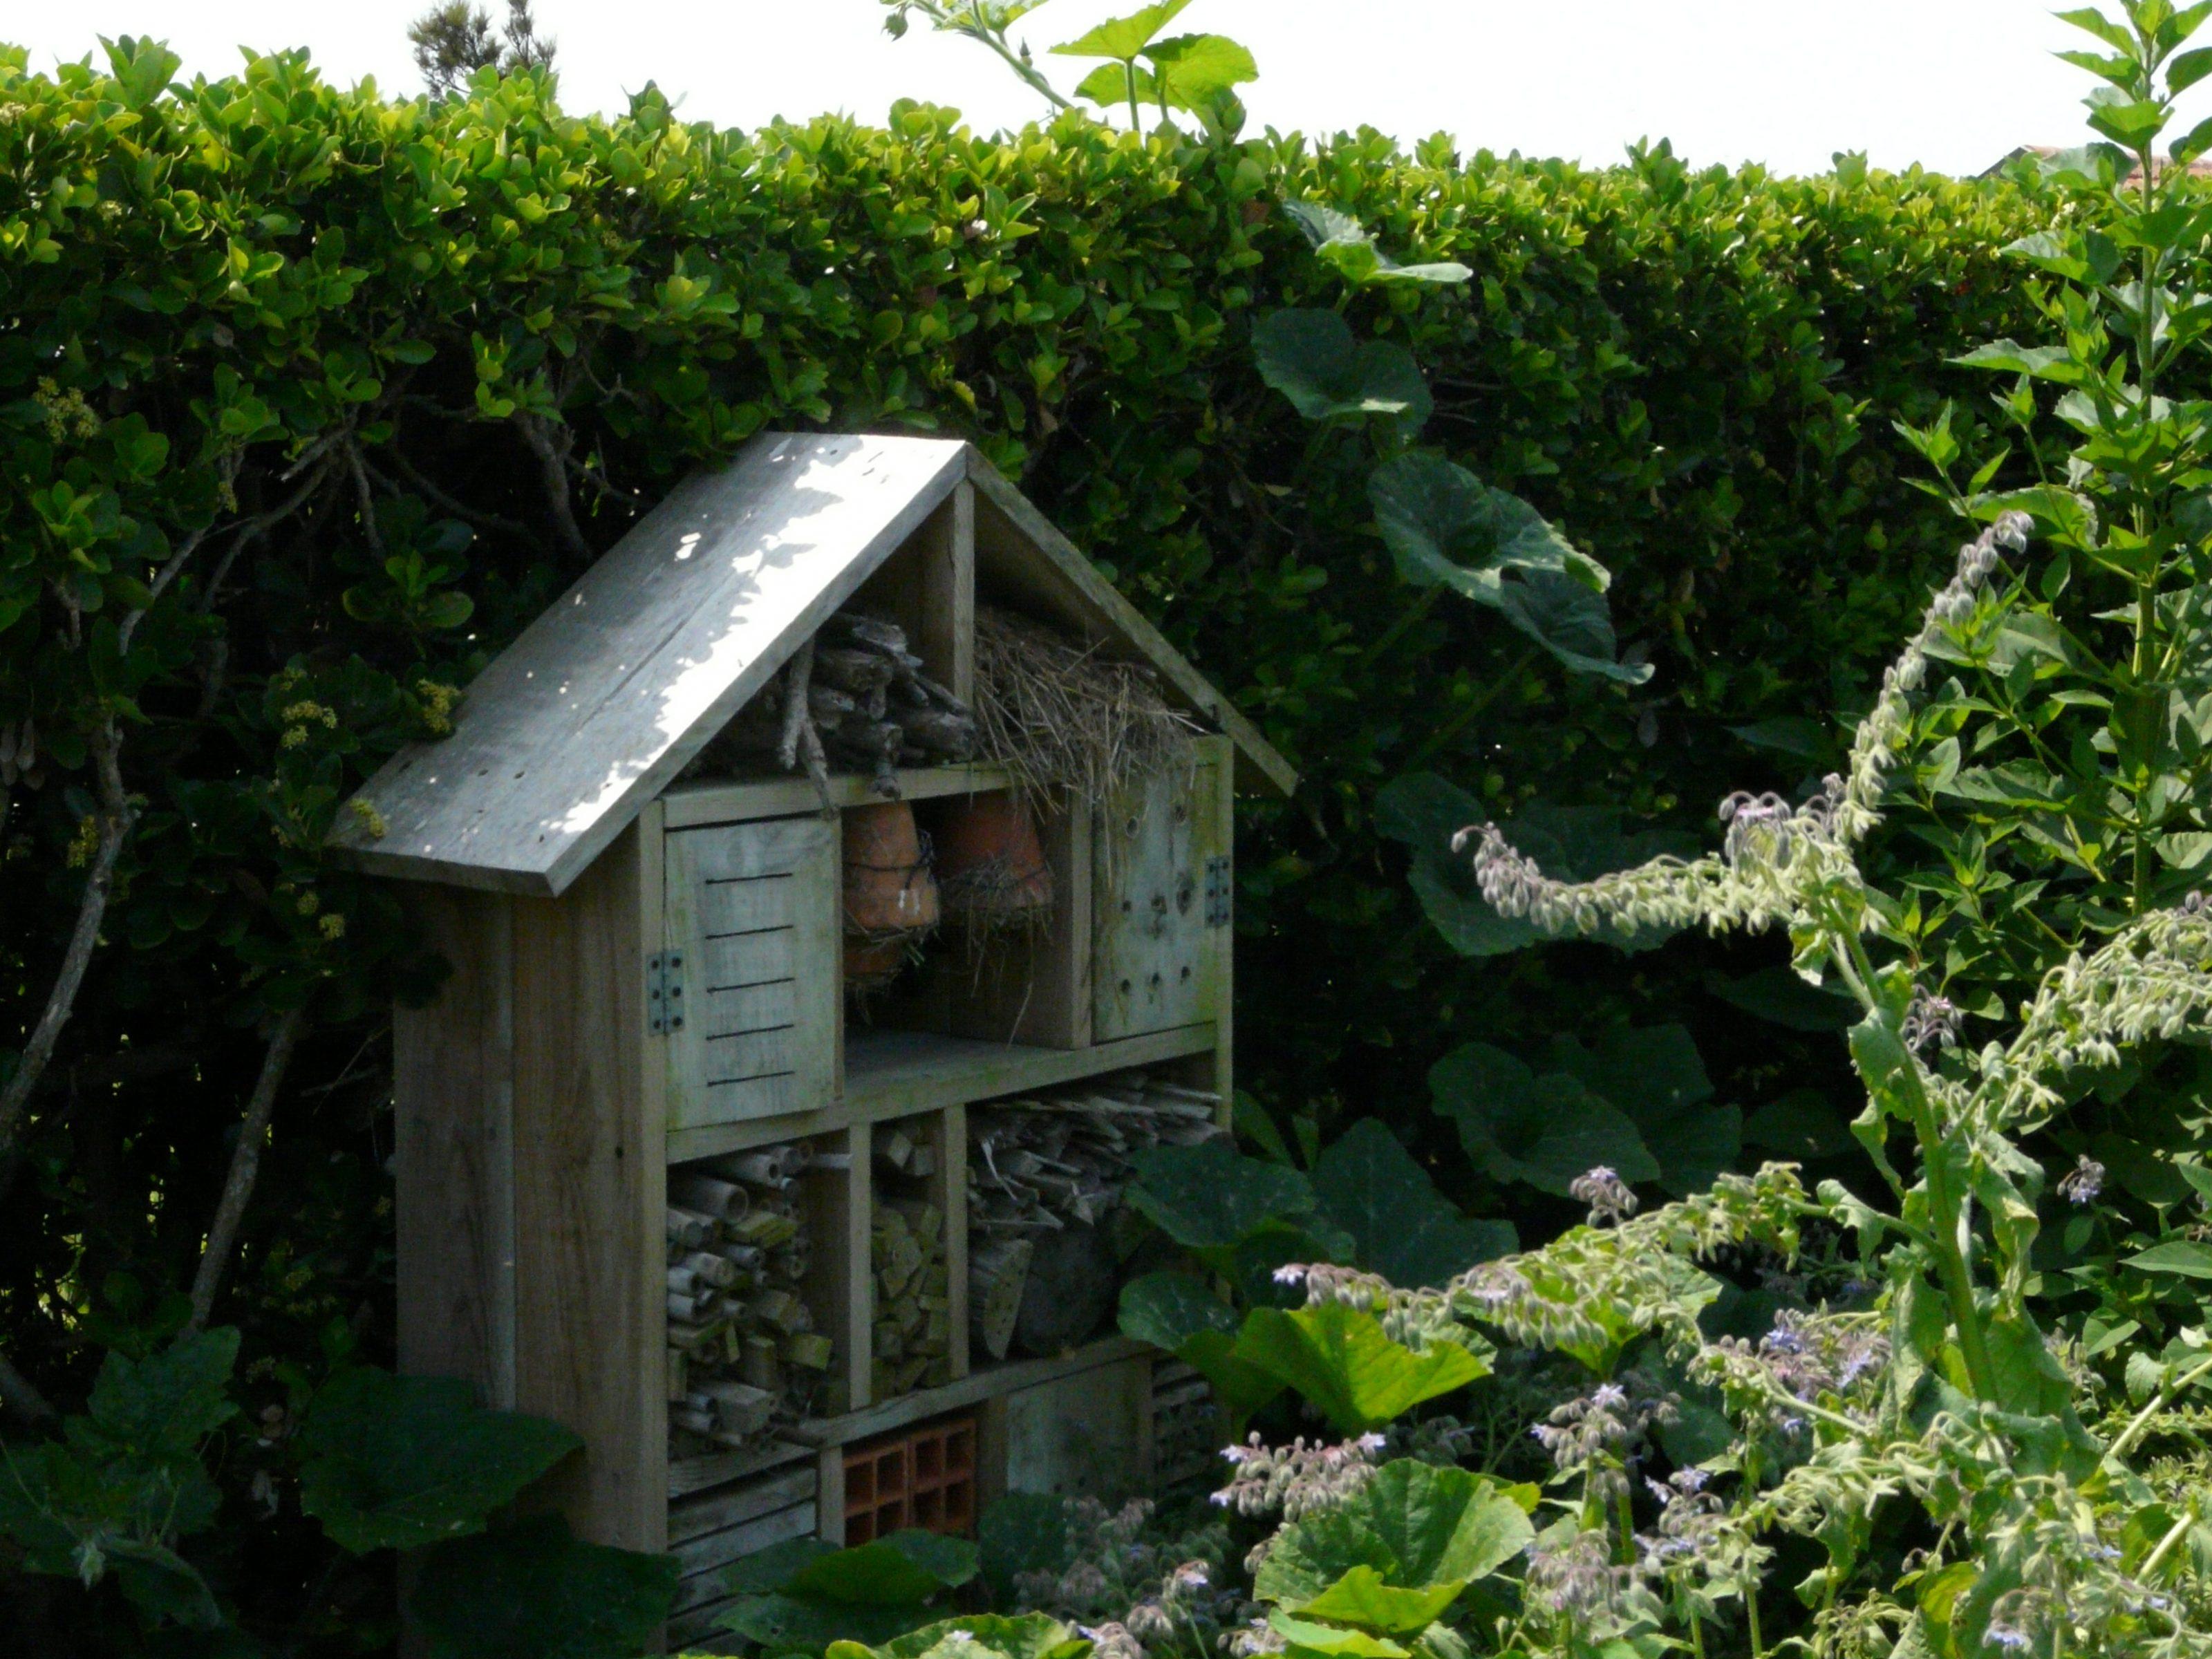 Hôtel à insectes dans un jardin